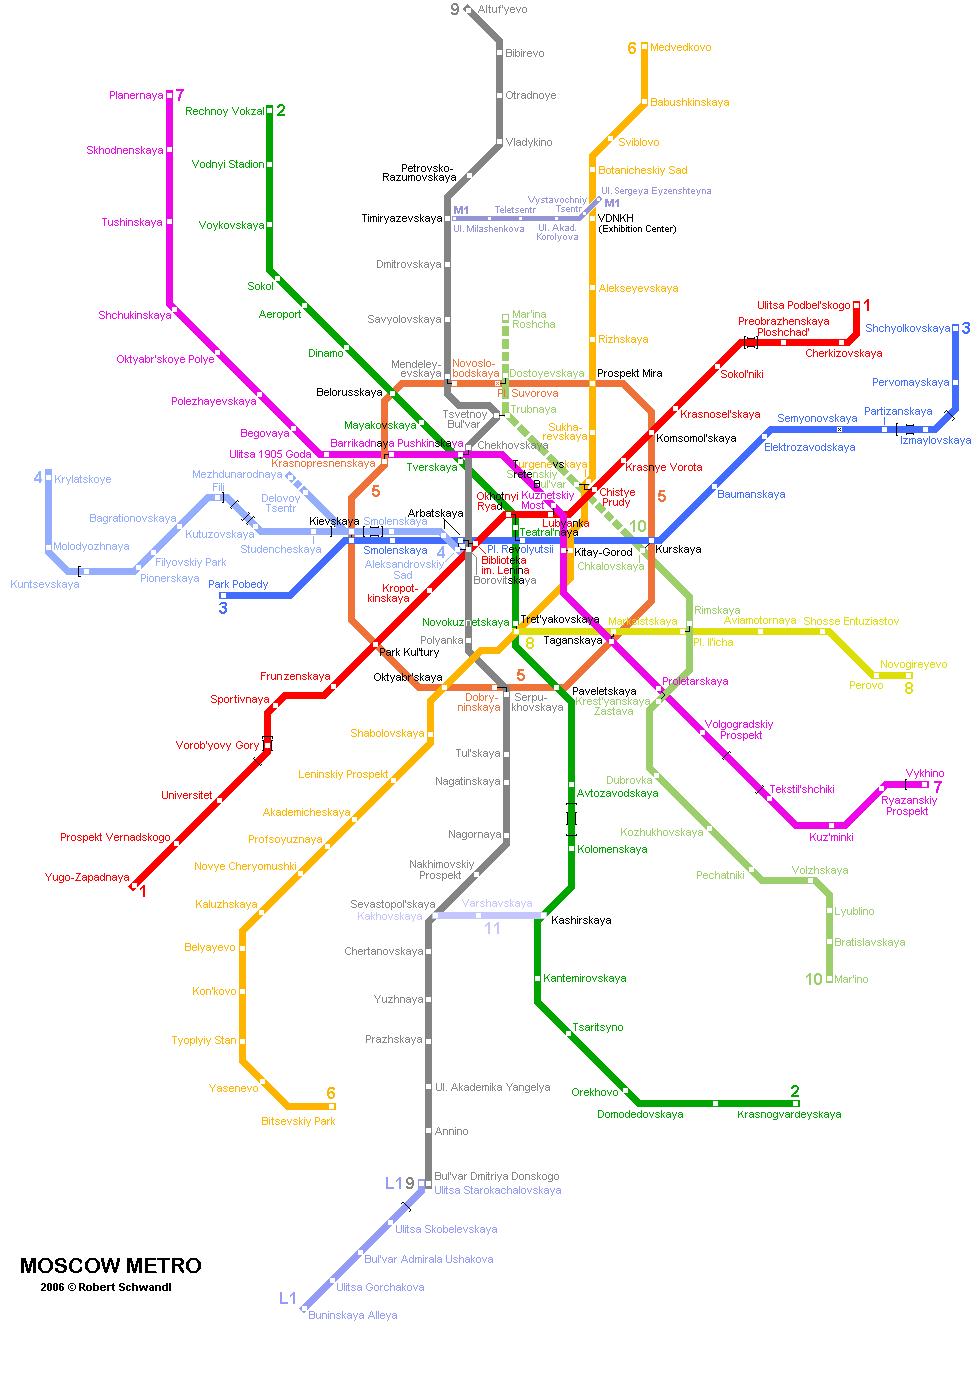 Схема с MetroPlanet на английском языке.  Иноязычные.  2001.